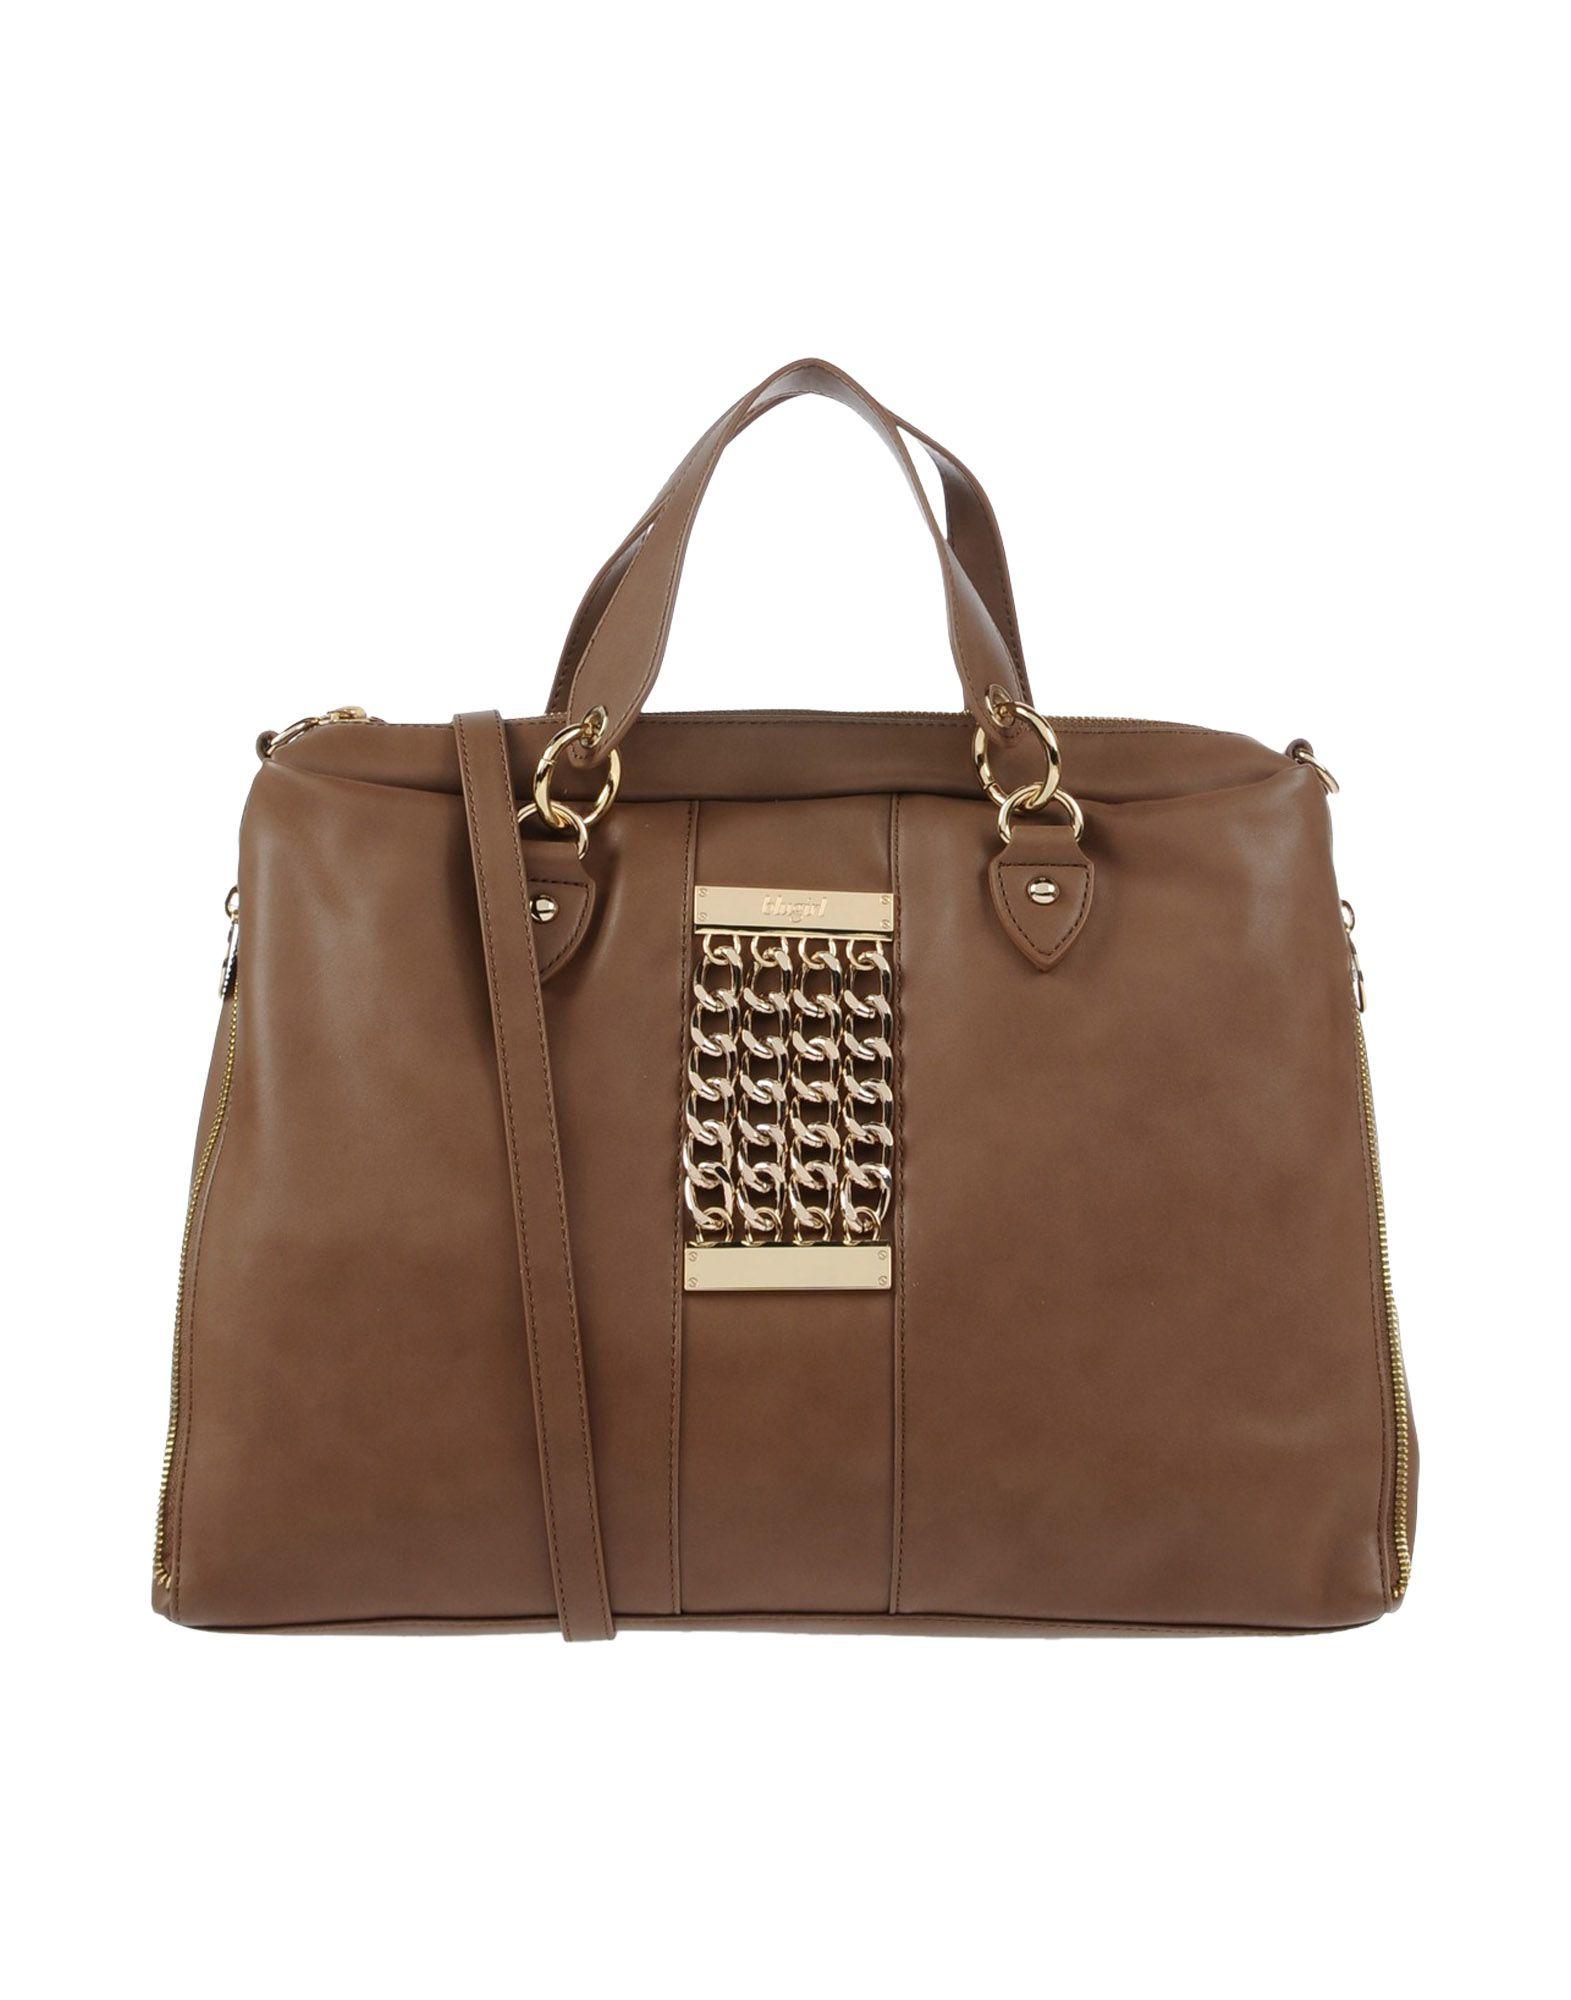 Blugirl blumarine Handbag in Natural